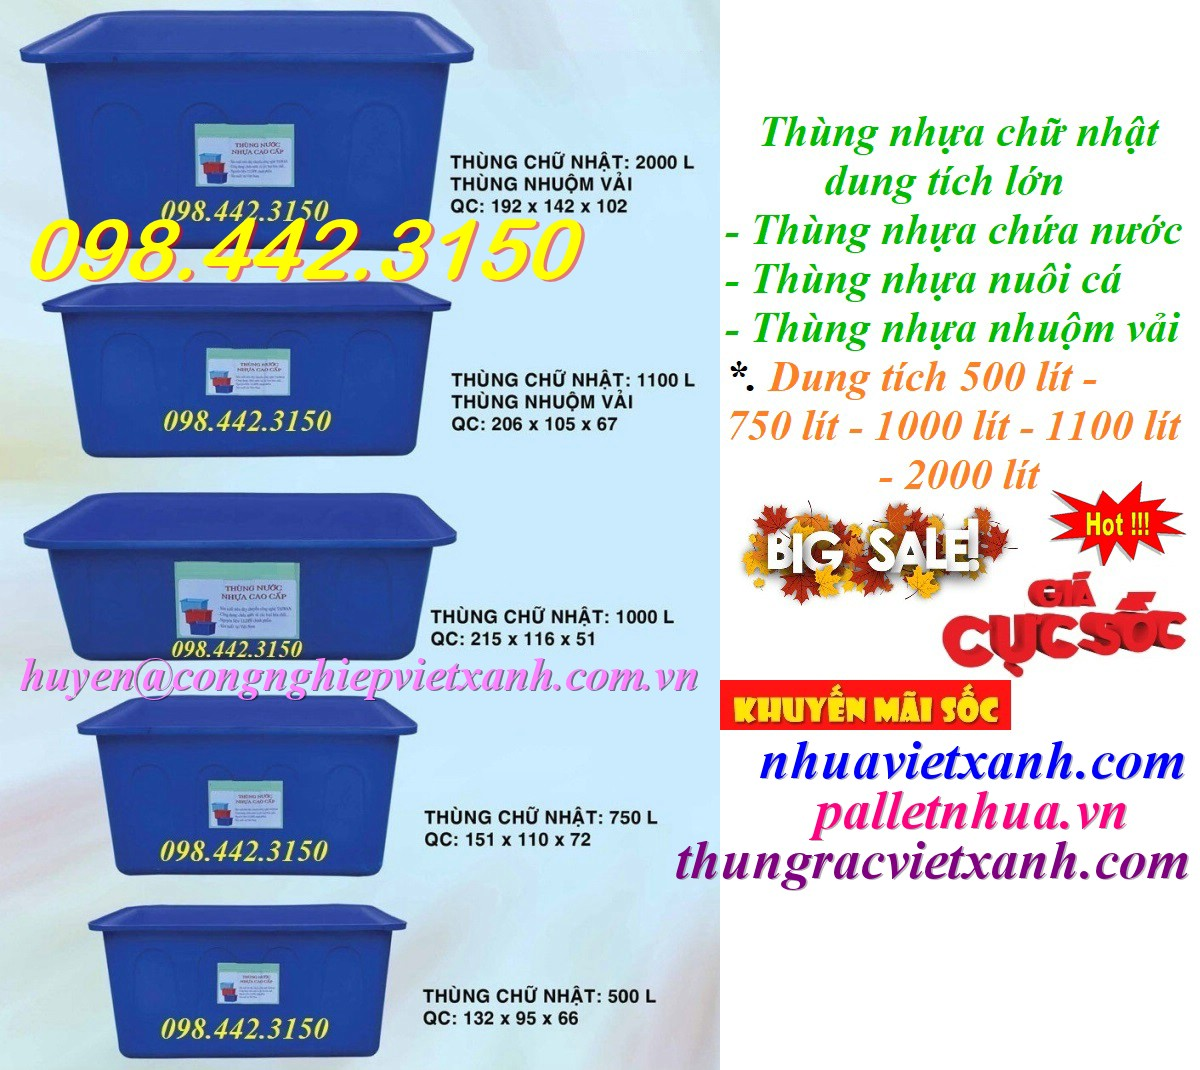 Thùng nhựa chữ nhật dung tích lớn 500L - 750L - 1000L - 1100L - 2000L